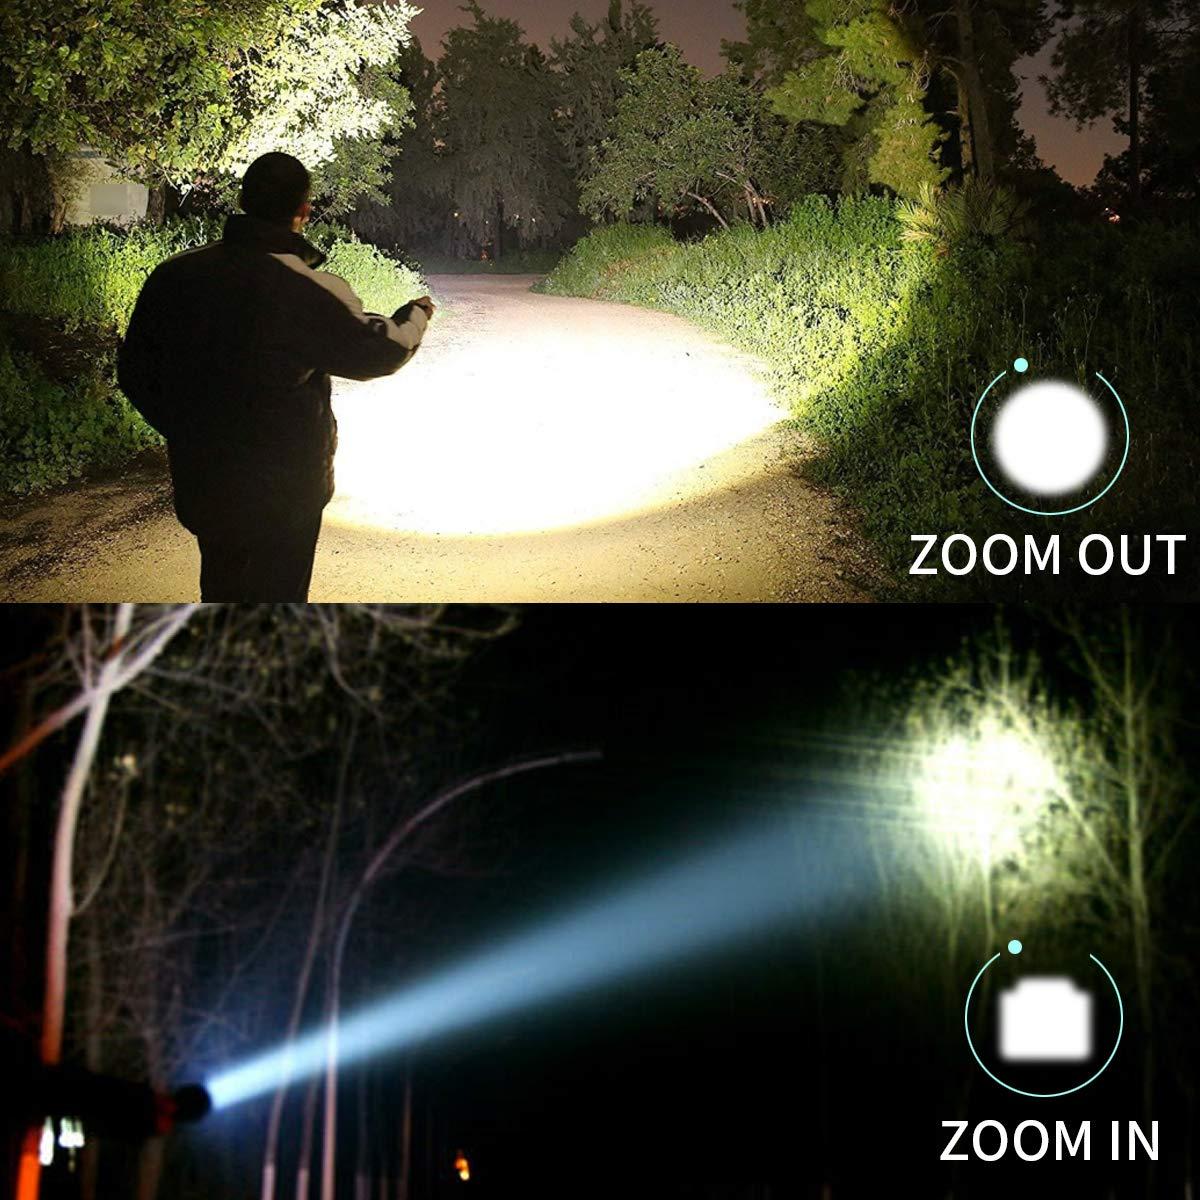 LED wiederaufladbare Taschenlampe, Morpilot 1000 Lumen Aufladbar hell mit handyhalter LED Taschenlampe Torch Licht Wasserdicht zoombare Taschenlampe 5 Modis Einstellbar